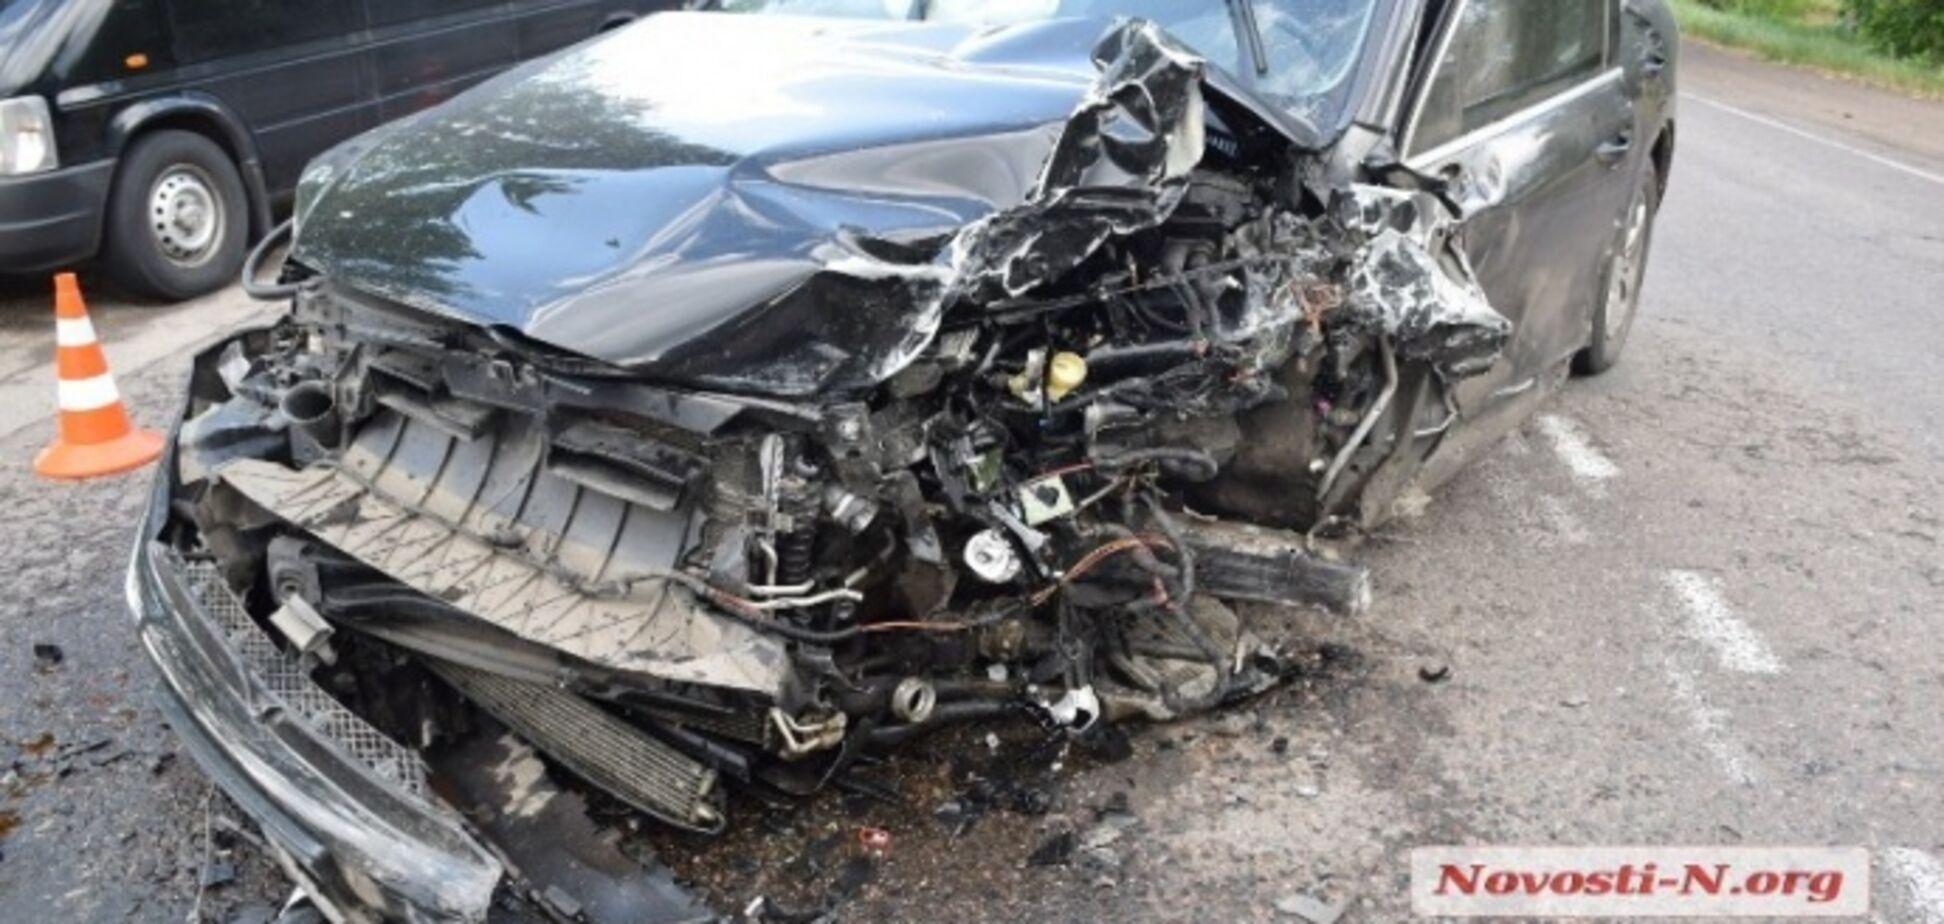 Глава Госпсуду Миколаївської області потрапив в ДТП на незадекларованому авто